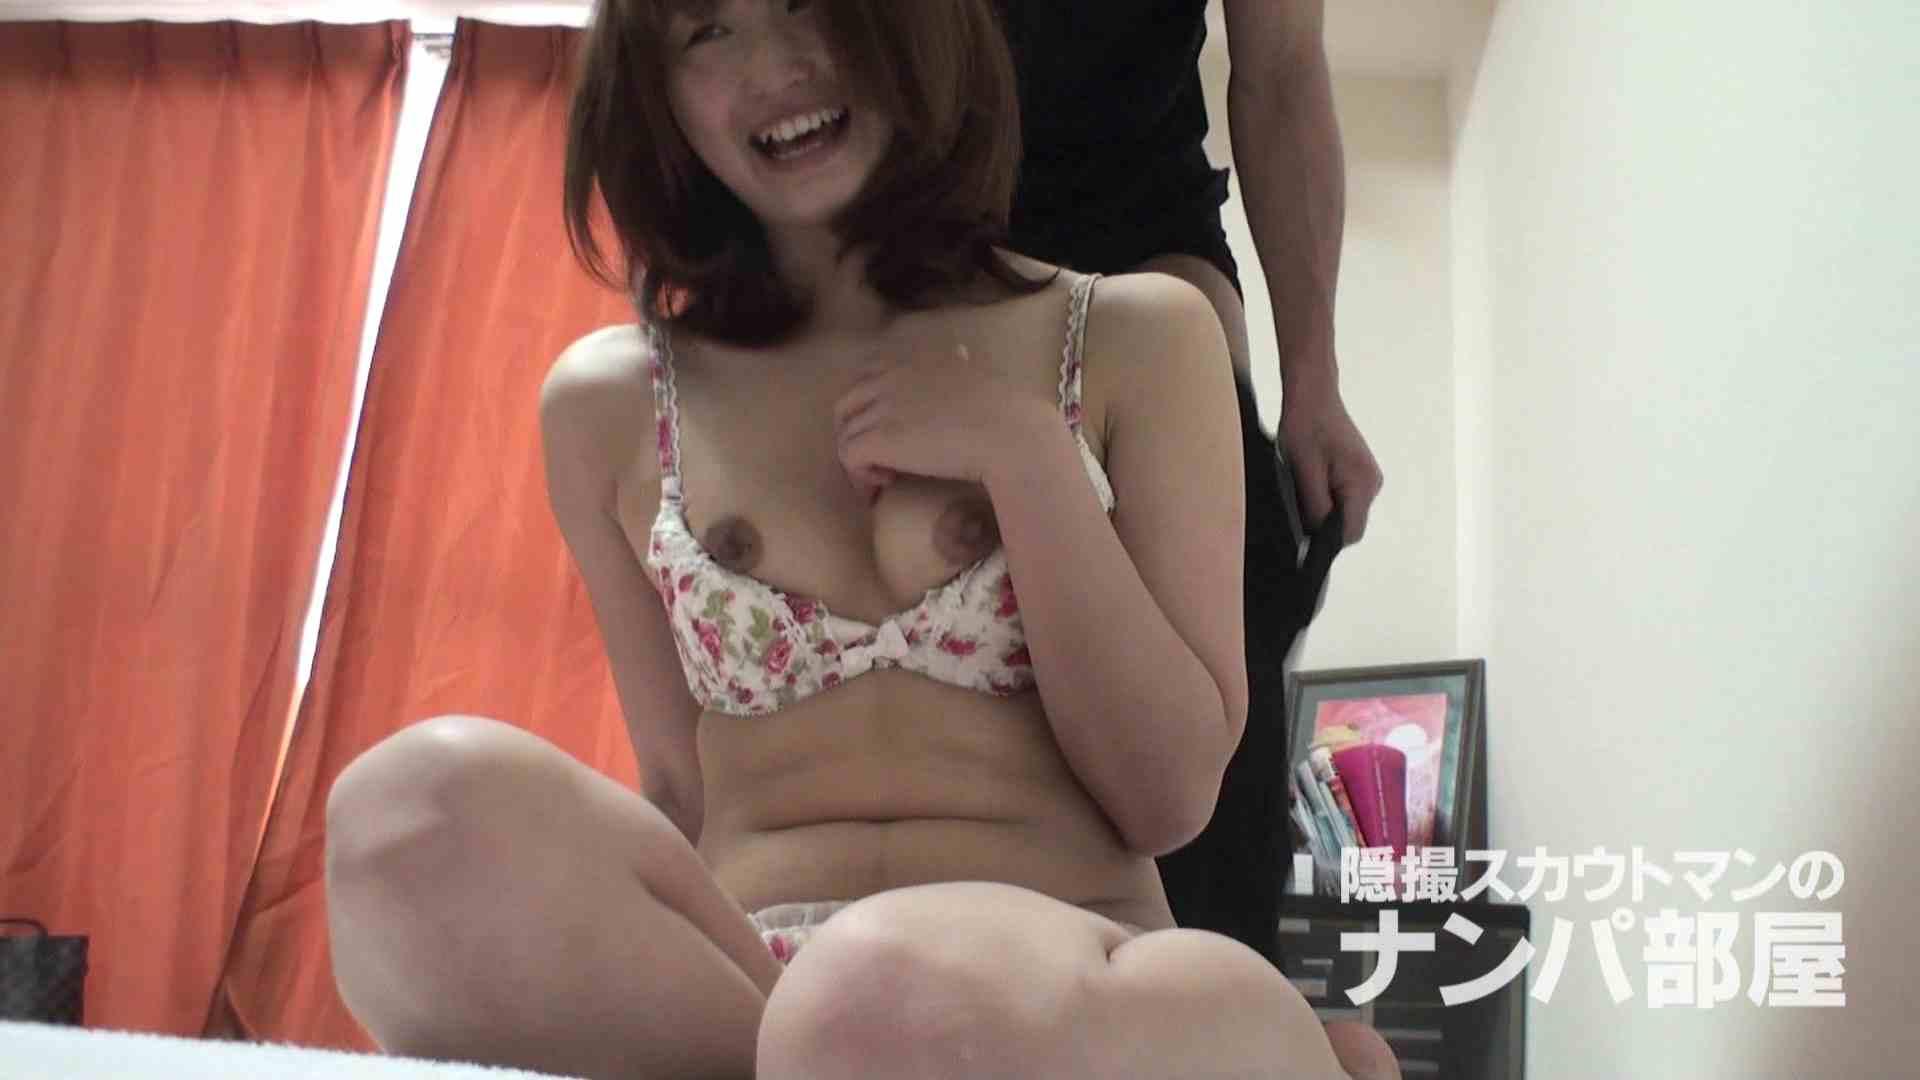 隠撮スカウトマンのナンパ部屋~風俗デビュー前のつまみ食い~ siivol.2 ナンパ  80pic 56